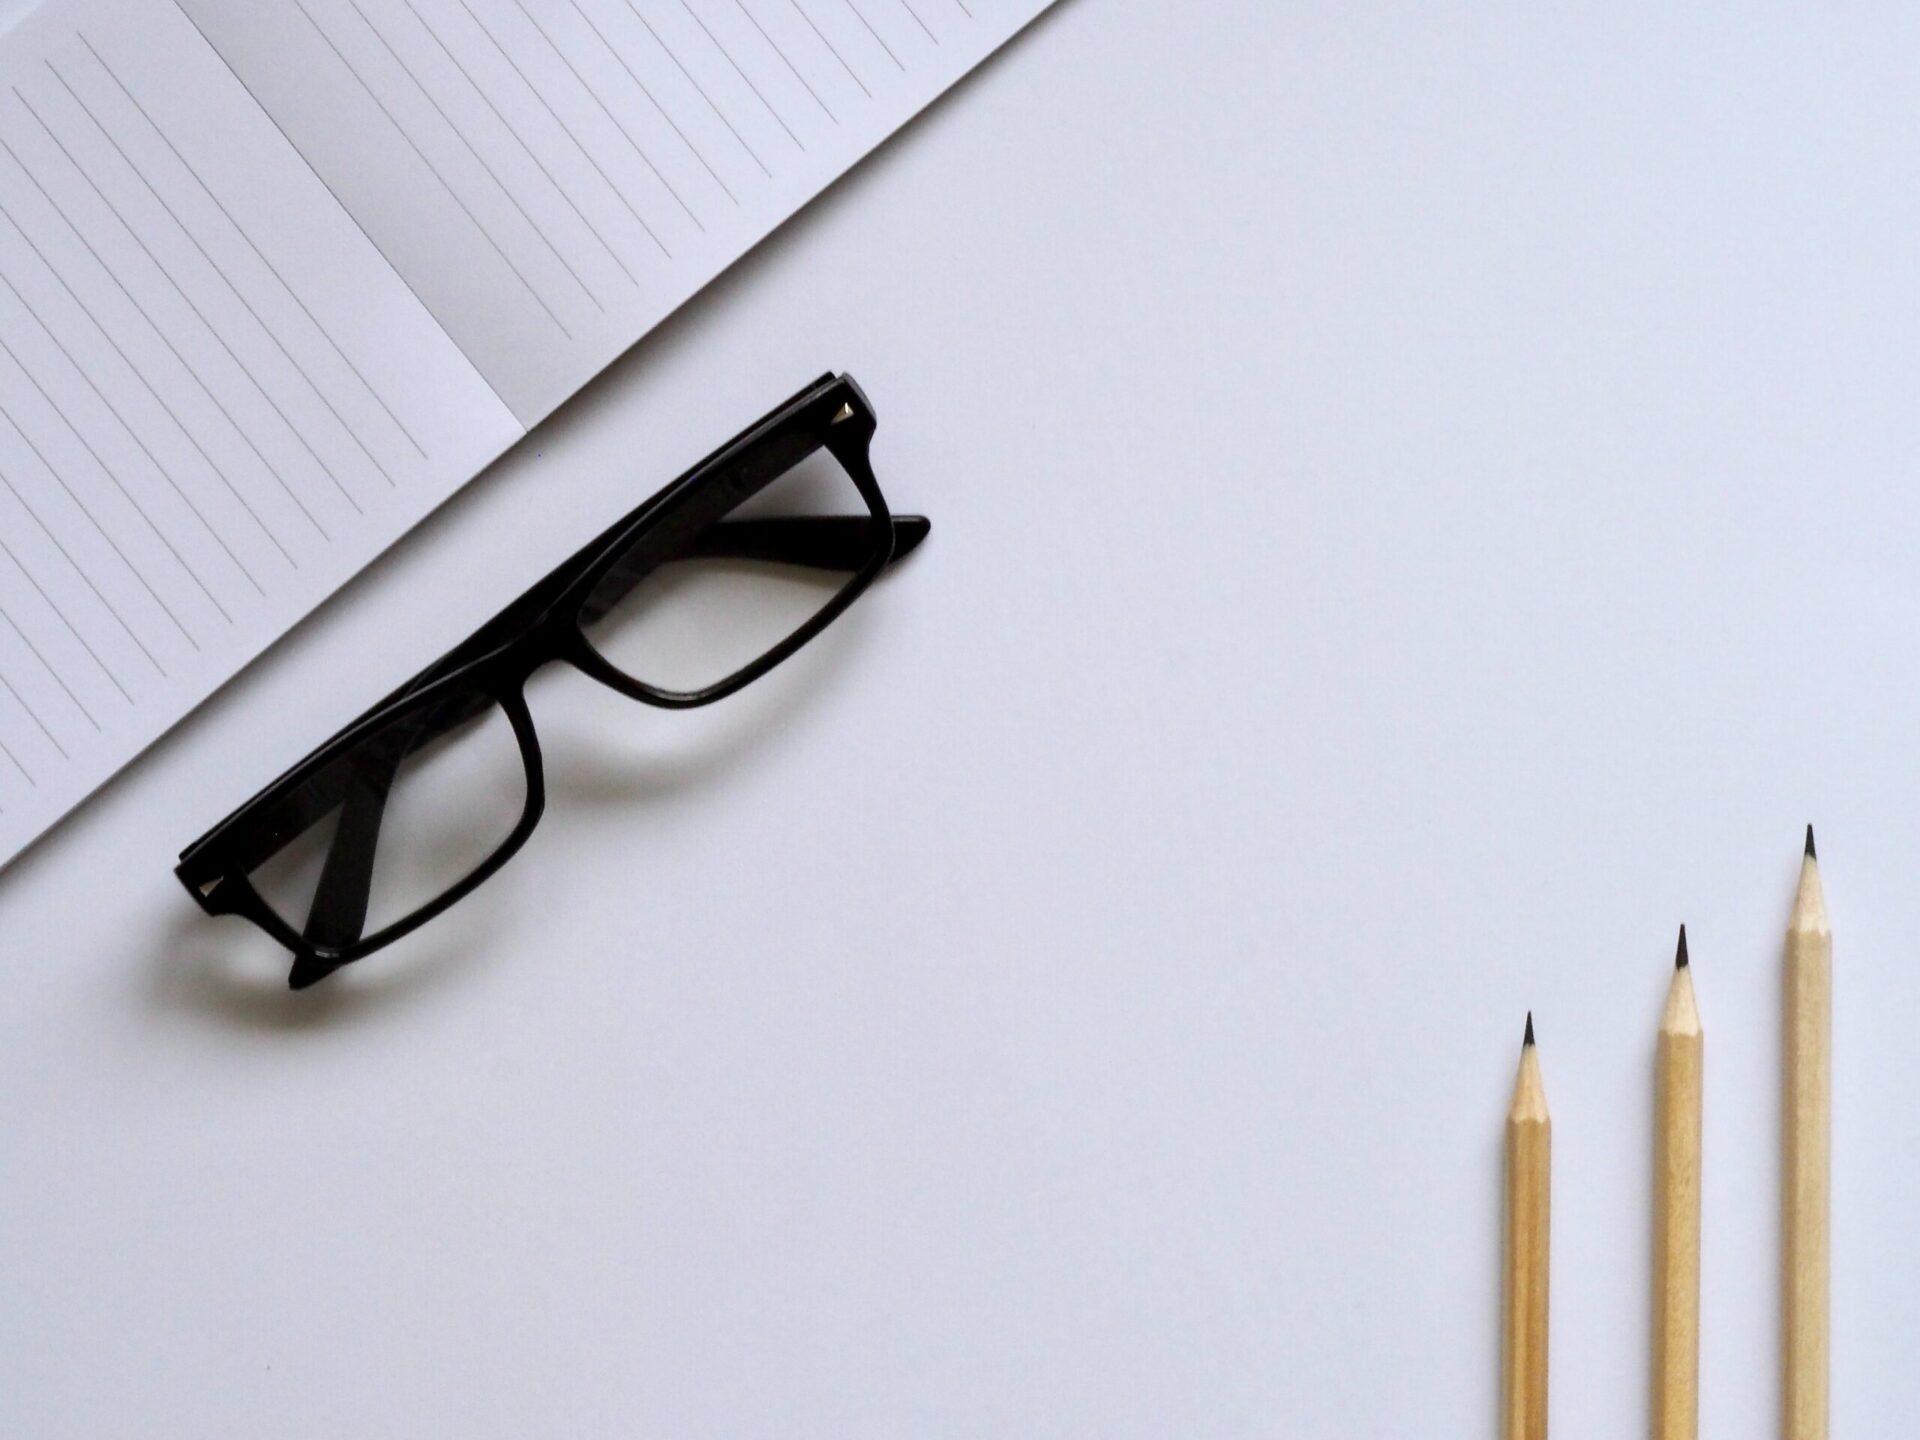 のり面施工管理技術者の勉強方法